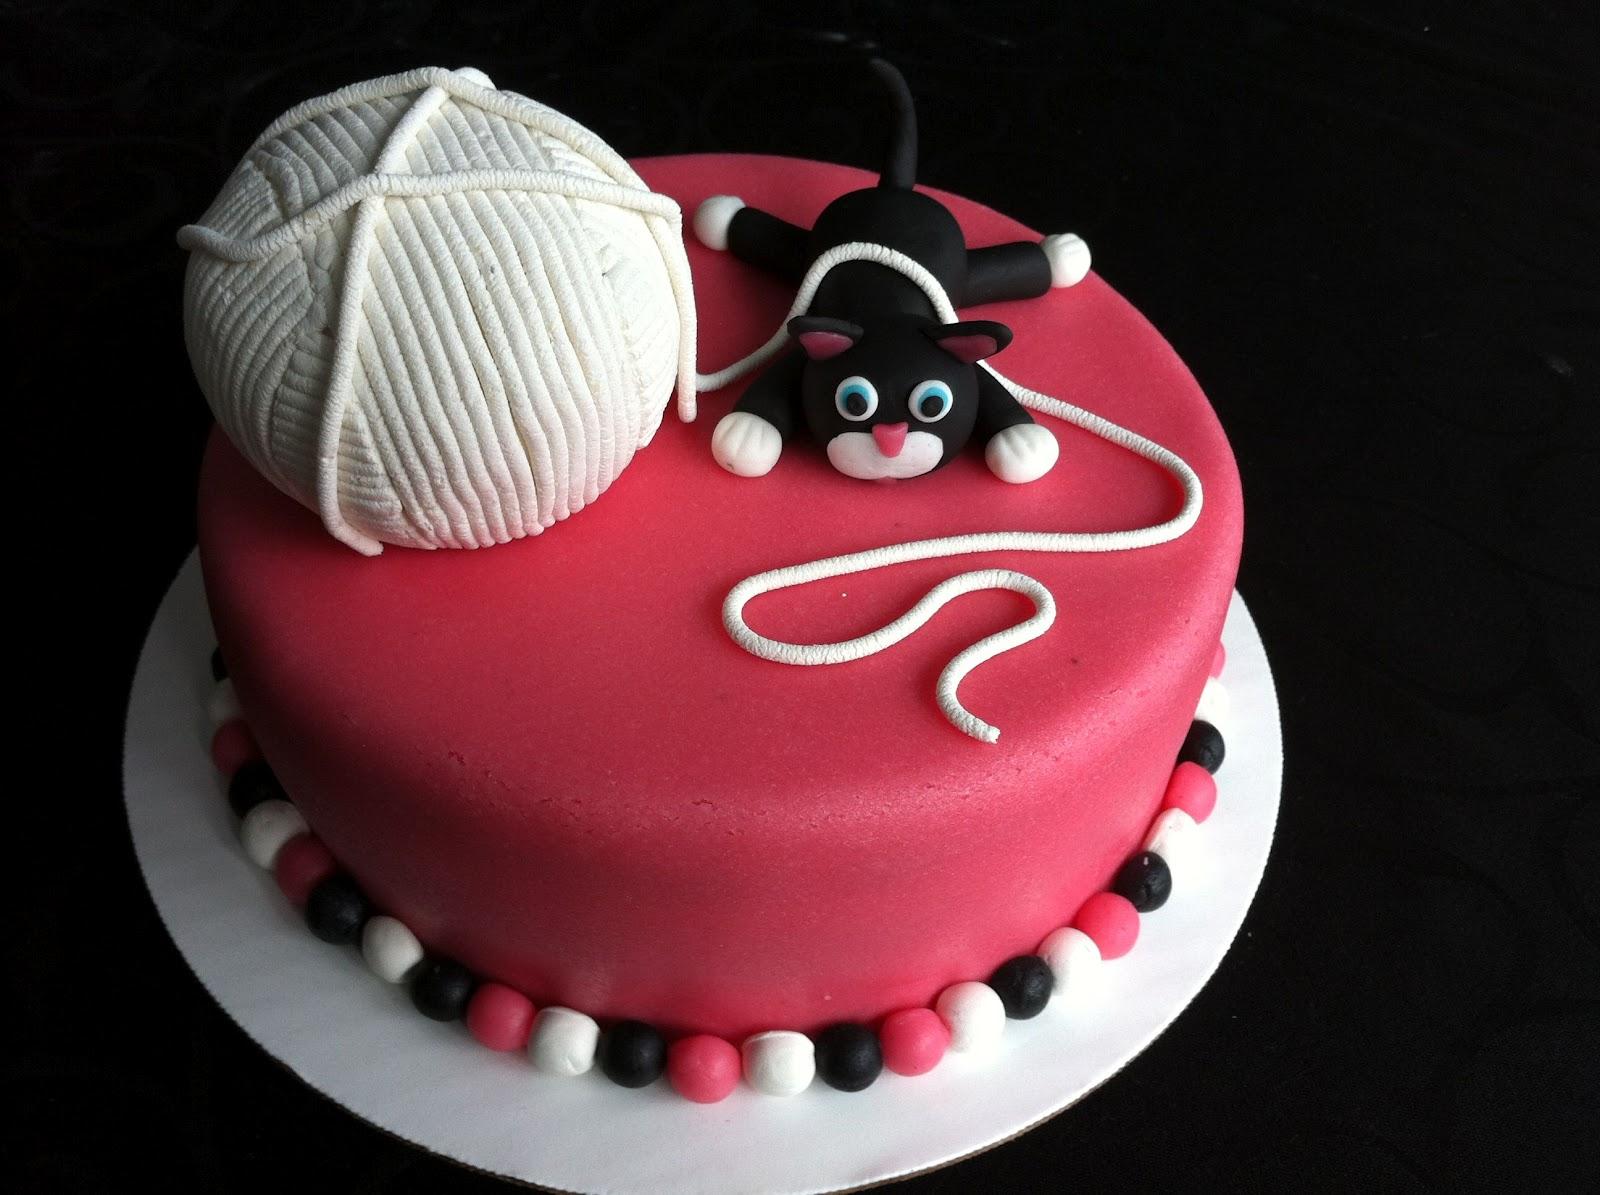 Mejuffrouw b verjaardagstaart for Taart en decoratie